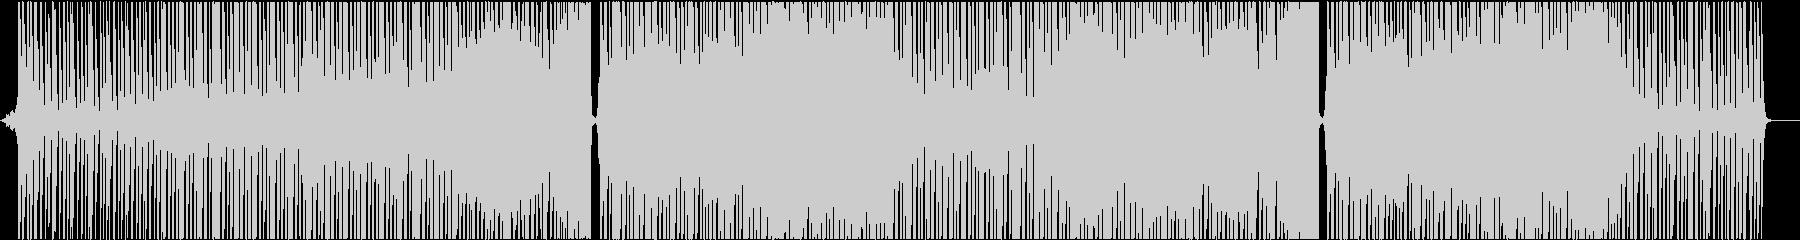 洋楽 EDM エレクトロ ポップ 跳ねるの未再生の波形